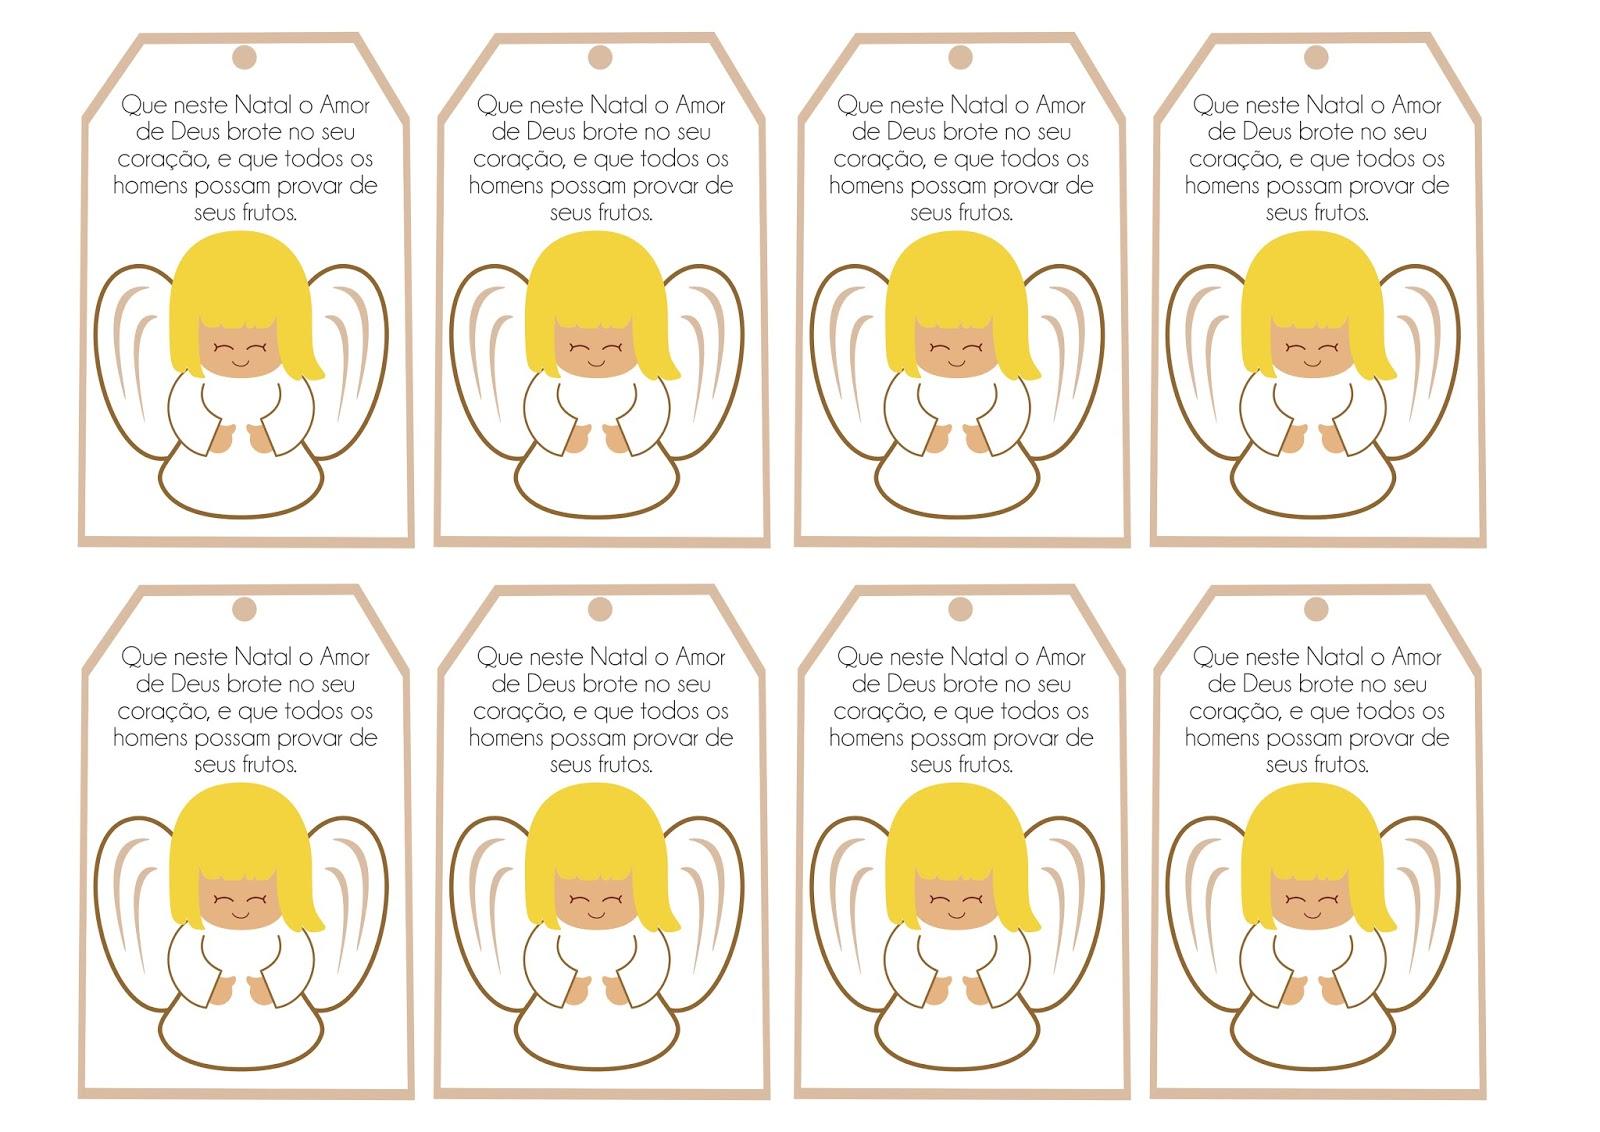 Amado Cartões de Natal para Imprimir com Mensagens. - Aprender e Brincar VX75